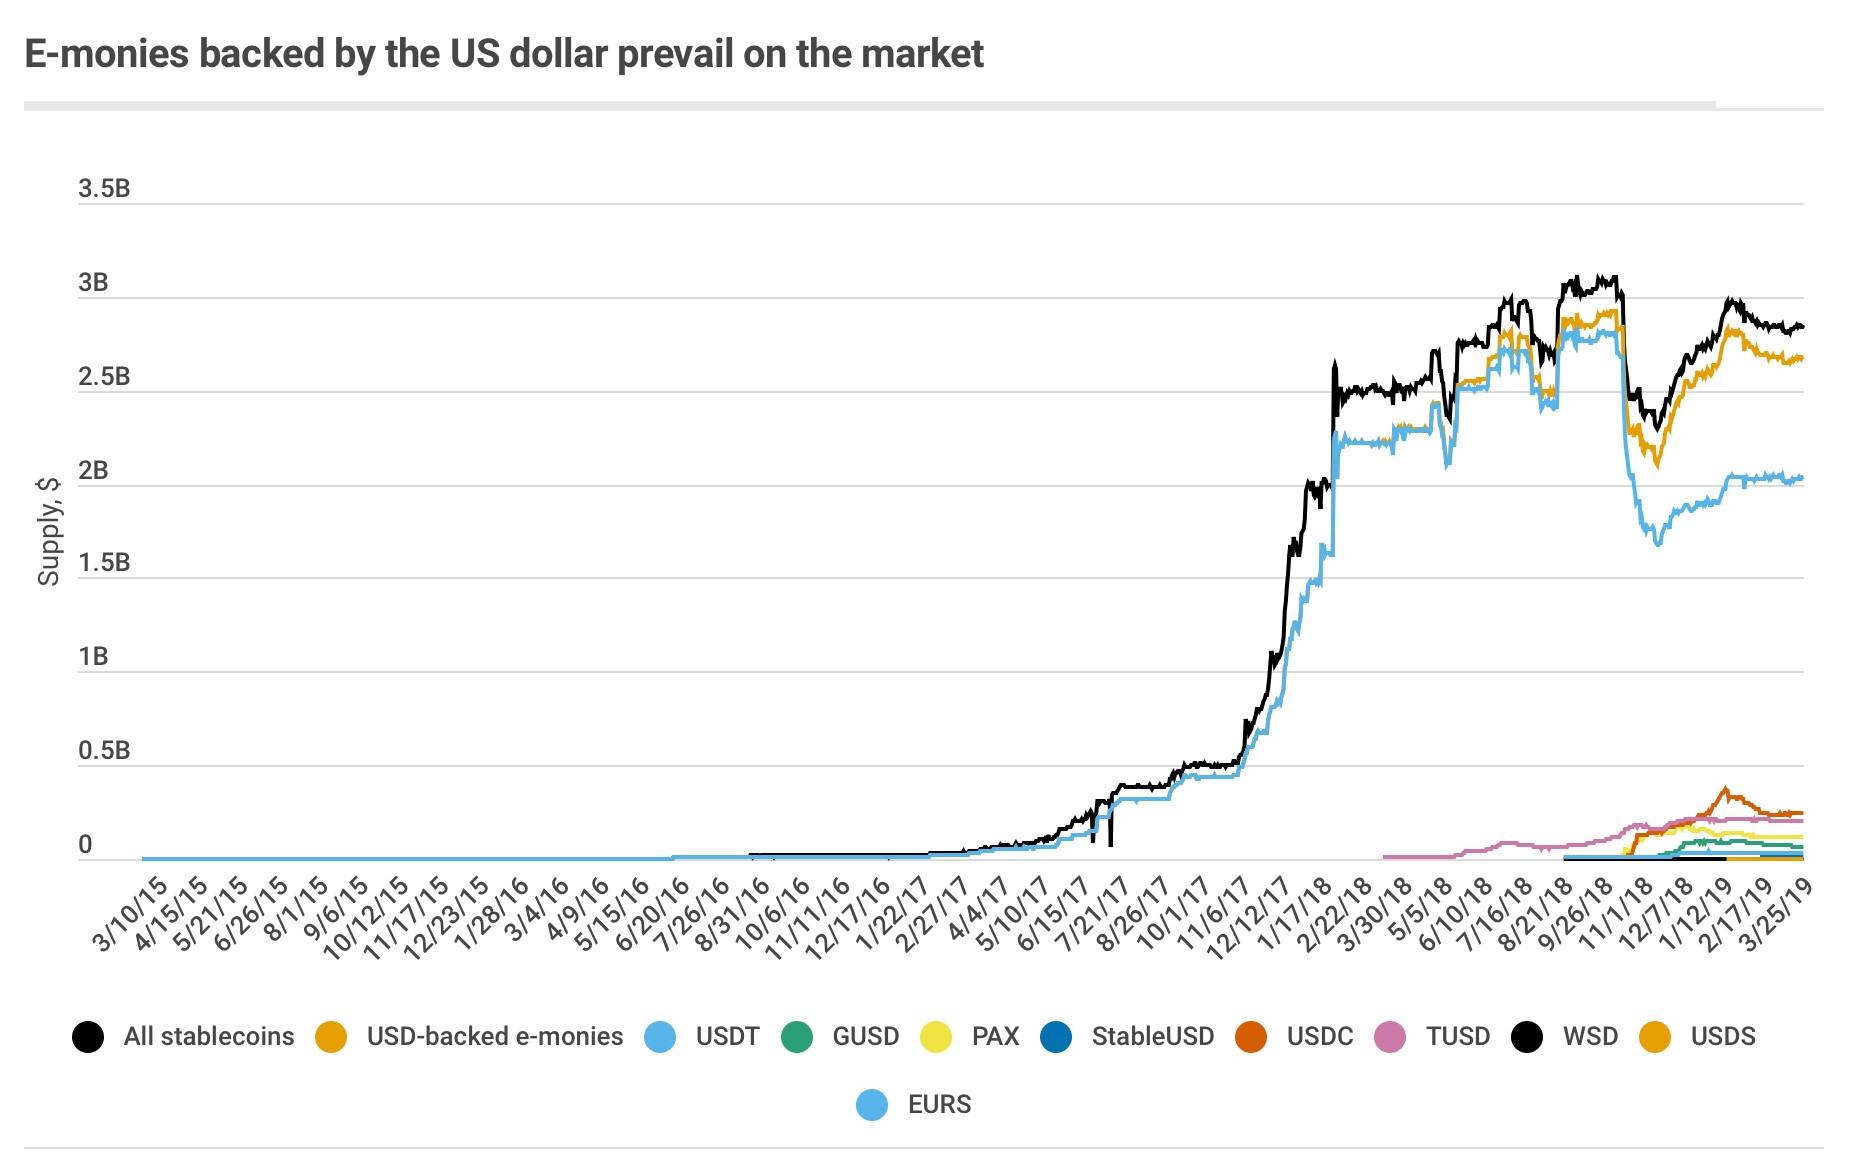 График волатильности стэйблкойнов по данным Forklog Consulting